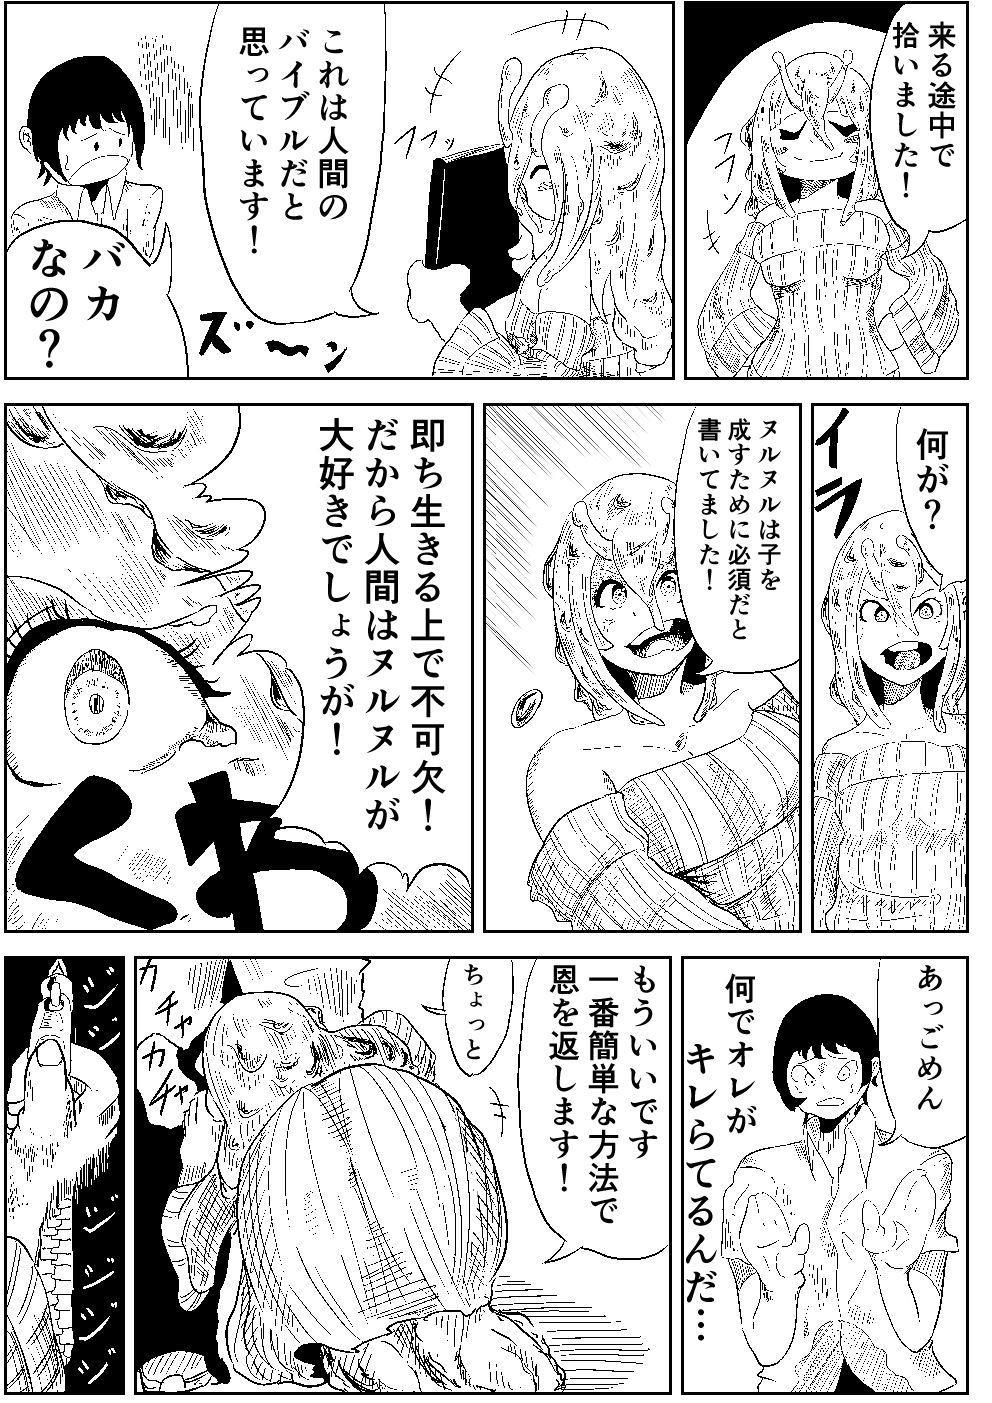 Namekuji no Ongaeshi 6